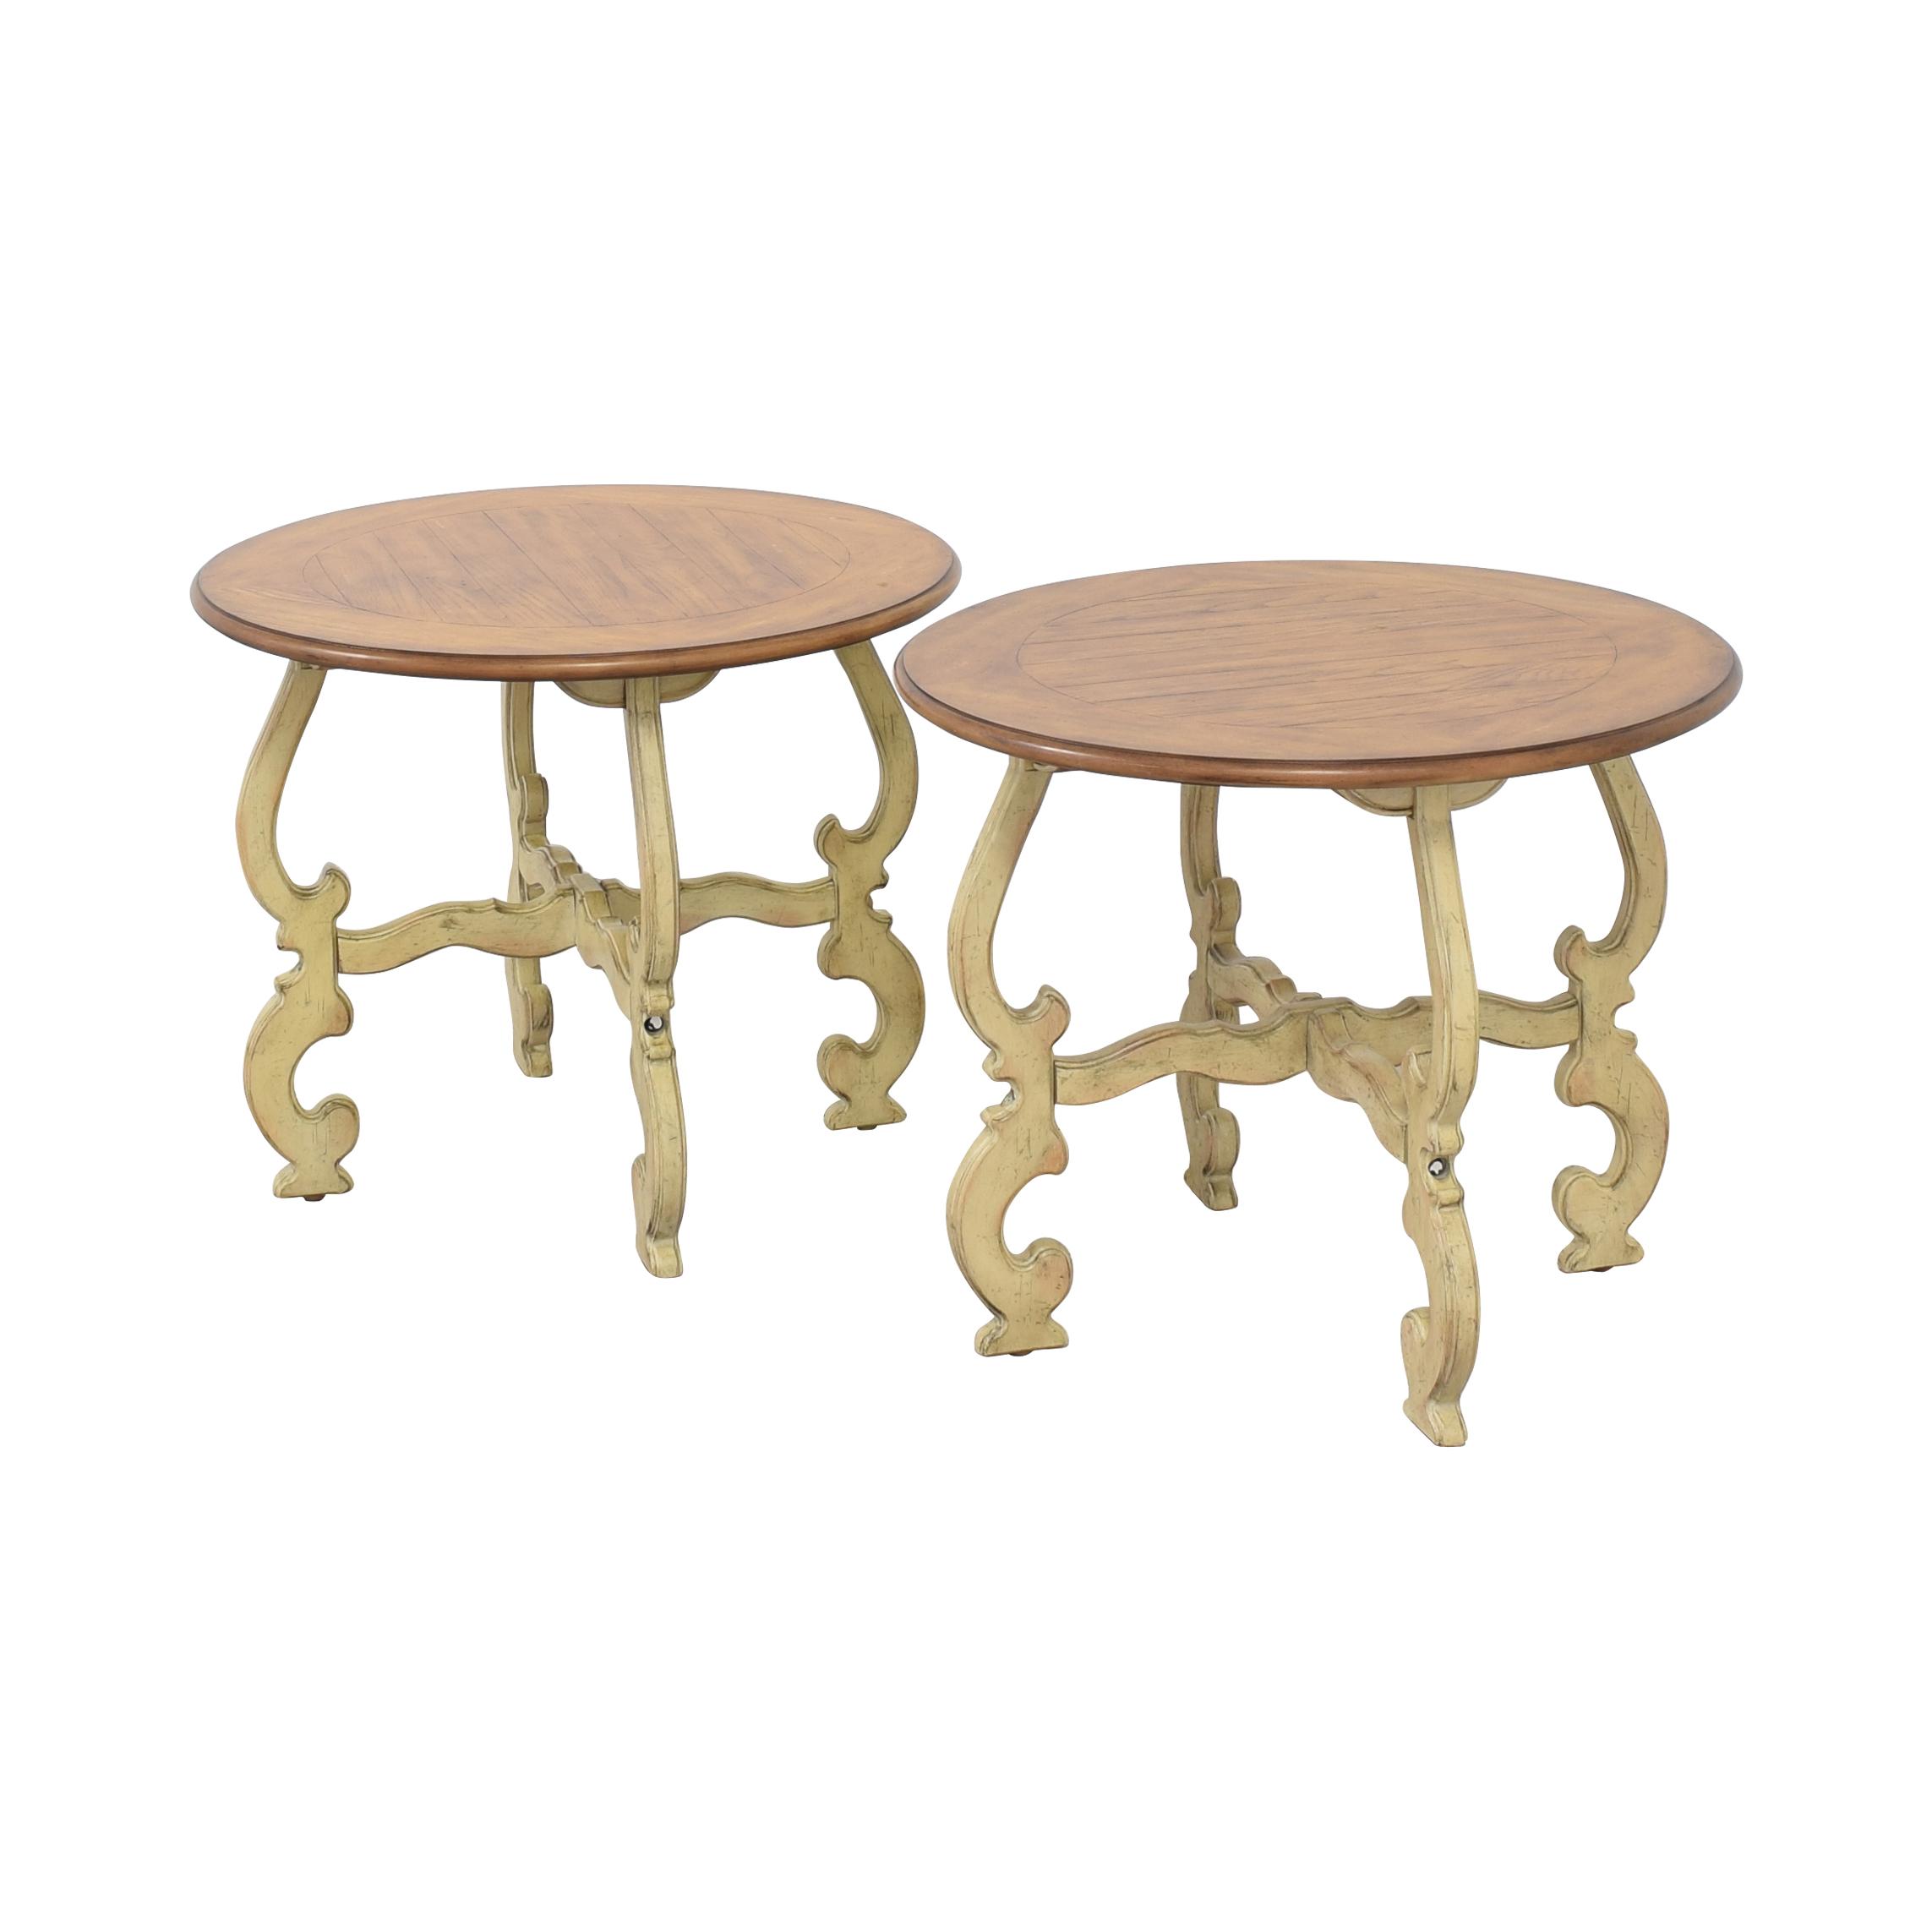 Hooker Furniture Hooker Side Tables for sale